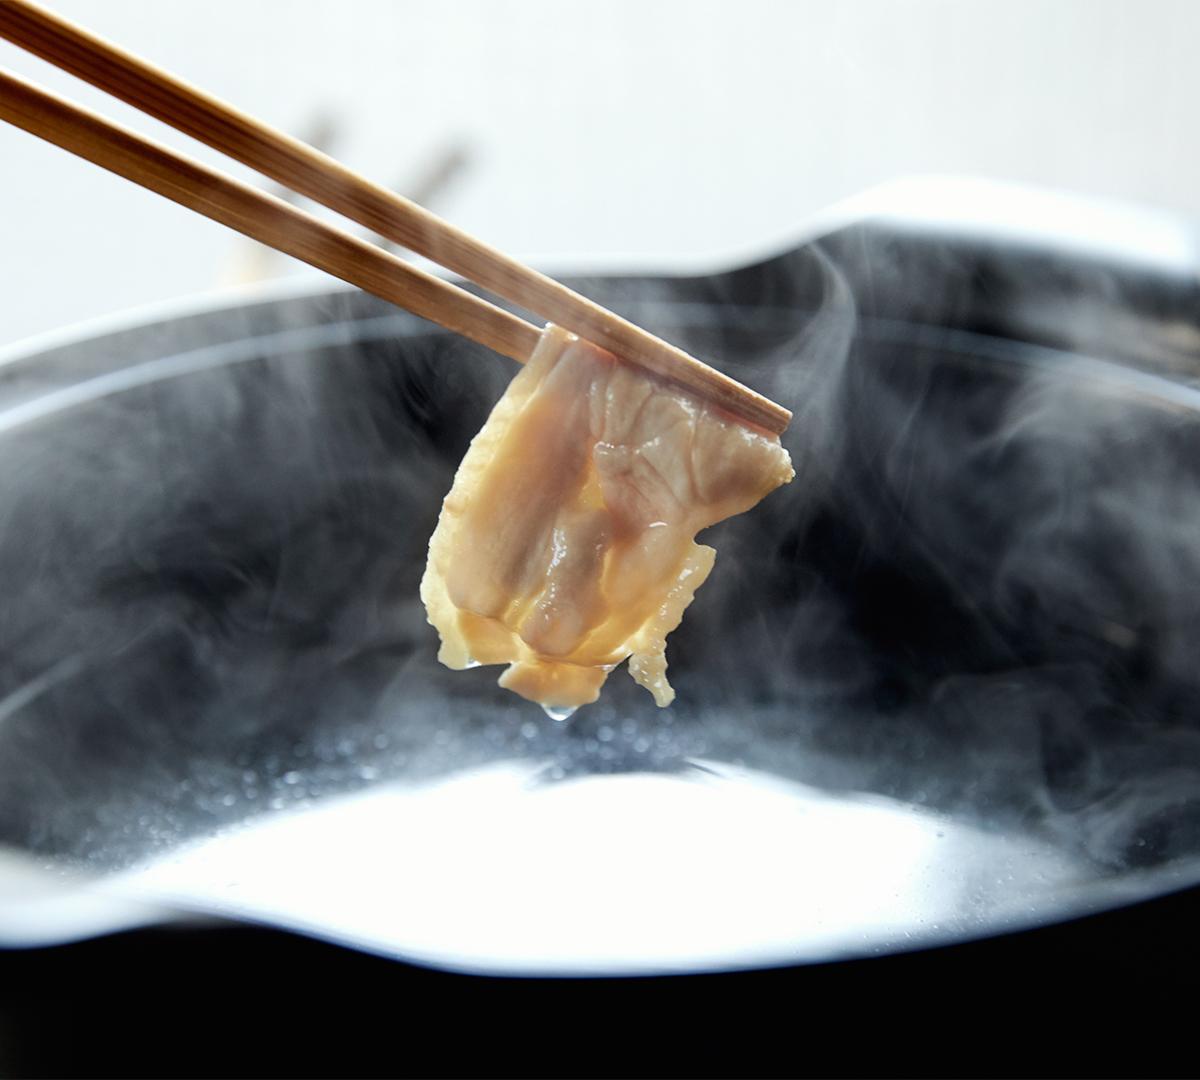 良質なもも肉とむね肉は、絶妙な3ミリ厚のスライスに。特製だし・鶏しゃぶポン酢とのバランスや、肉の歯応えなどを考え、半年かけて研究し導き出した厚みです。飲めるポン酢&特製だし付き「名古屋コーチンしゃぶしゃぶセット(もも肉・むね肉)」|錦爽(きんそう)|丸トポートリー食品